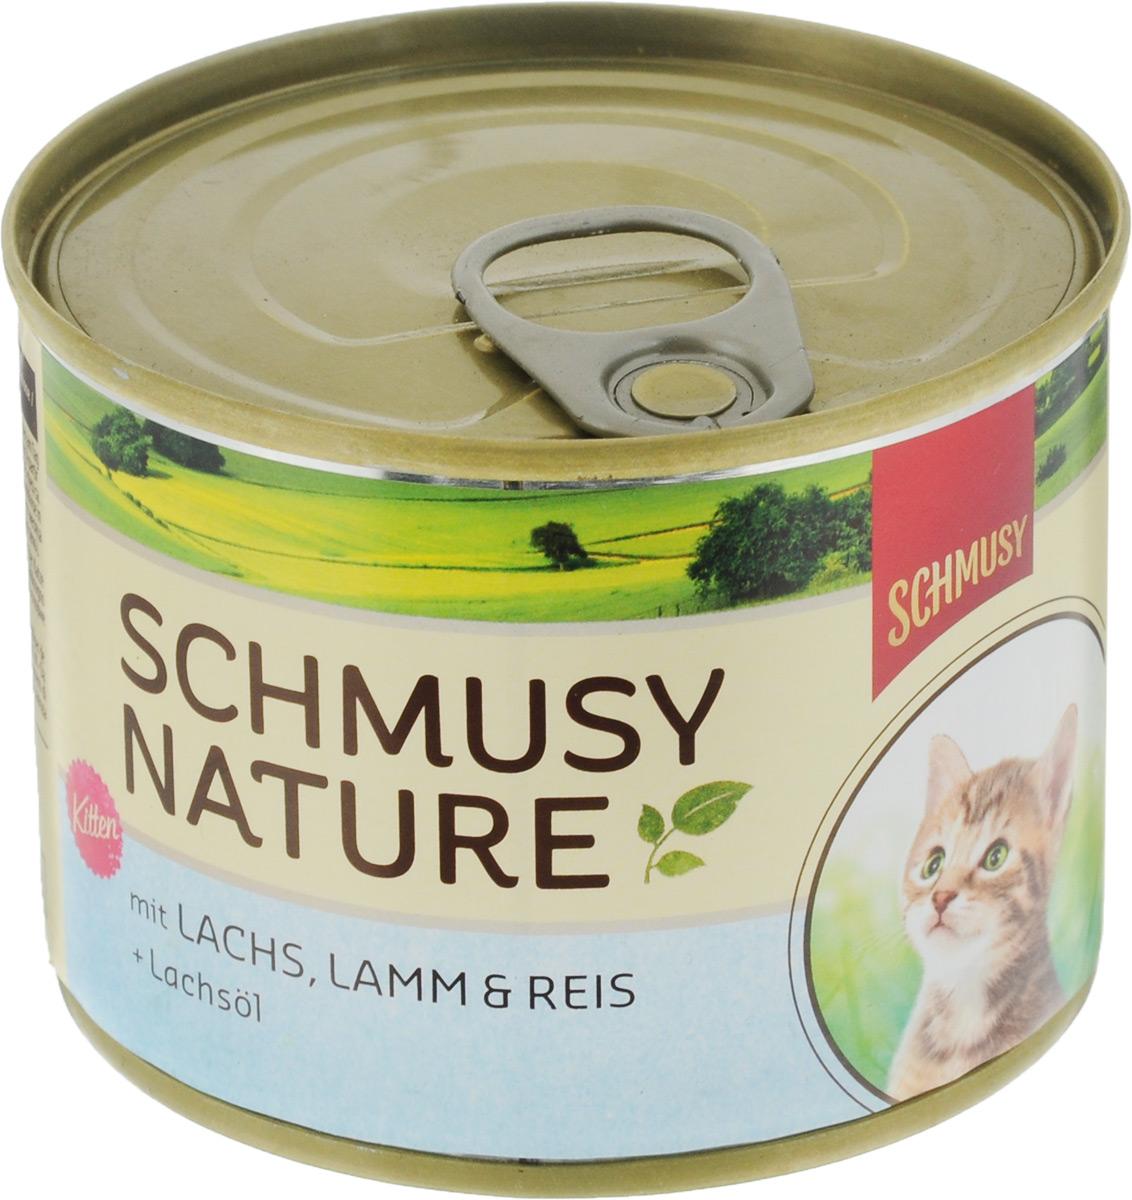 Консервы для котят Schmusy, с лососем и ягненком, 190 г70059Полнорационный корм Schmusy из натуральных ингредиентов, создан в соответствии с потребностями в питании кошек. Содержит кусочки высококачественного, экологически чистого мяса, а вкусные добавки довершают натуральную рецептуру. Вкуснейшее меню обогащено сбалансированной смесью минеральных веществ, витаминов, таурином, а также рыбьим жиром для здорового роста и развития котенка. Щадящая обработка сохраняет максимум полезных веществ. Не содержит сою, красителей, консервантов. Состав: отборное мясо ягненка 20%, лосось 10%, легкое, печень, субпродукты, рис 4%, рыбий жир 0,5%, минеральные вещества. Гарантированный анализ: белое - 11%, жир - 6,5%, клетчатка - 0,3%, зола - 2%, влажность - 78%. Витамины и минералы: витамин E - 89 мг/кг, витамин B1 -24 мг/кг, витамин B6 - 6 мг/кг, фолиевая кислота - 1,5 мг/кг, витамин D3 - 180 ед/кг, таурин - 590 мг/кг. Товар сертифицирован.